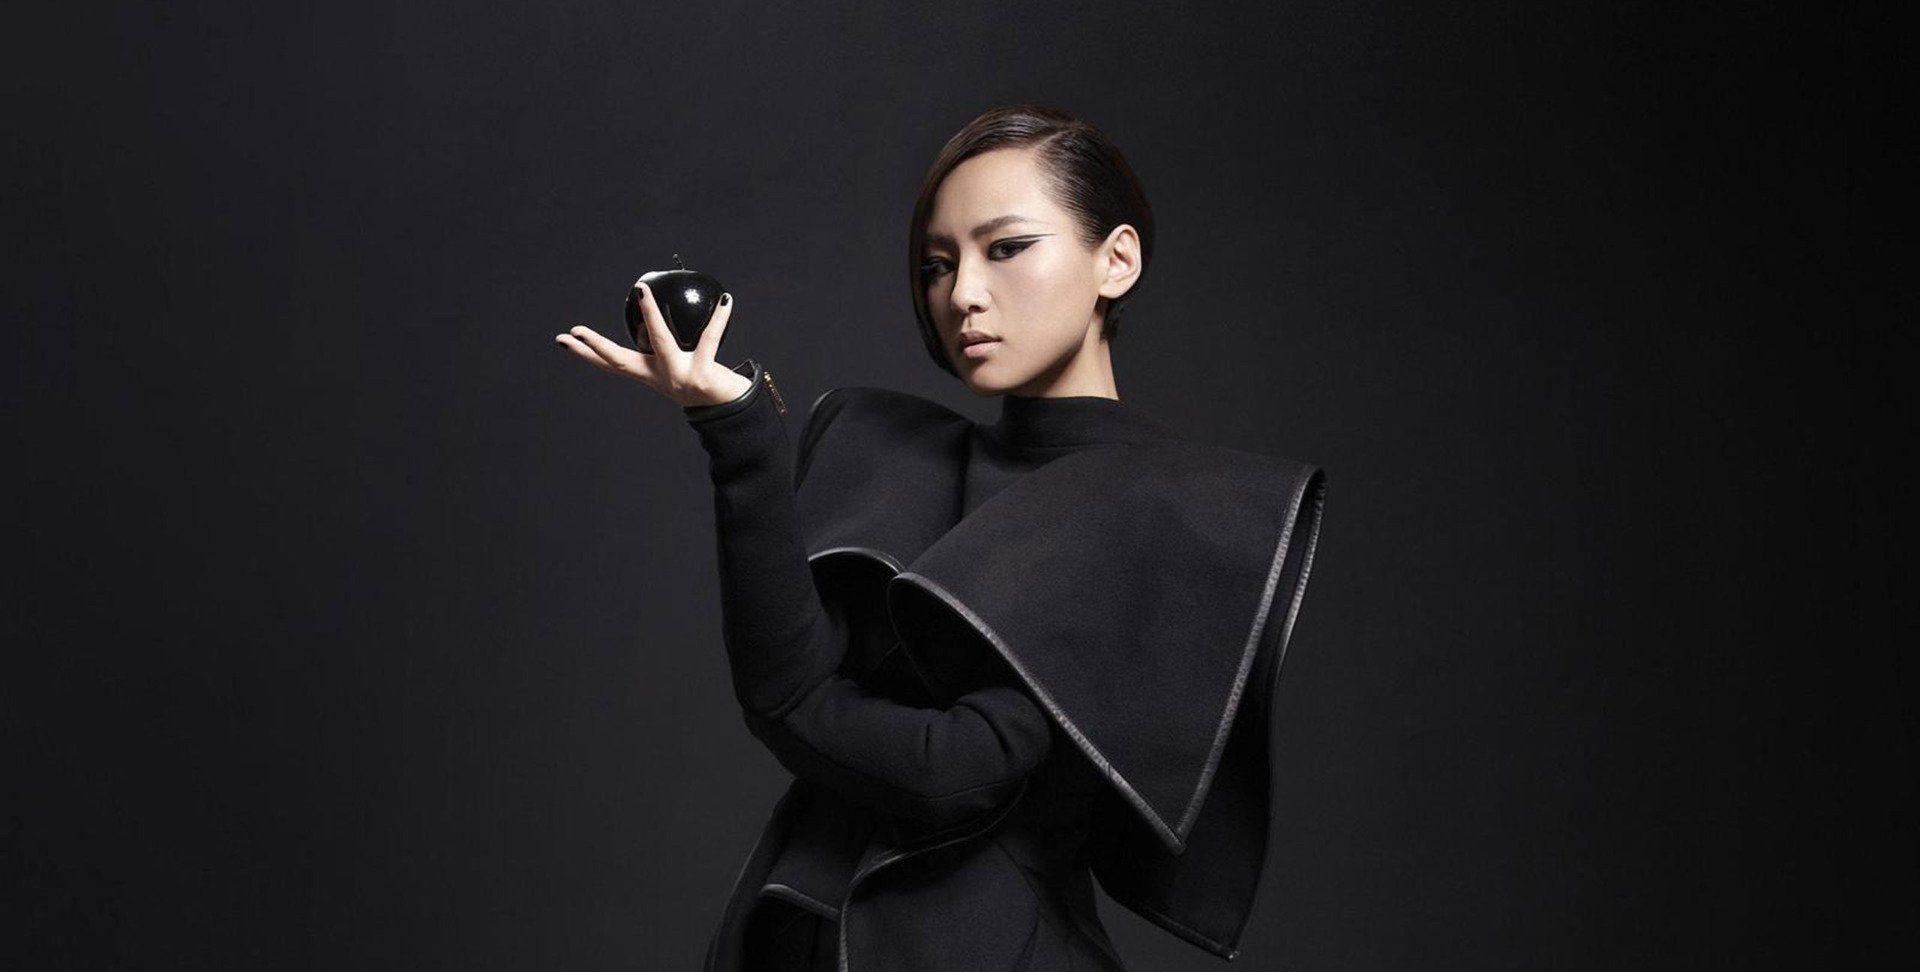 《金曲捞》第4期嘉宾:刘惜君、陈楚生、袁成杰,原唱:周笔畅?